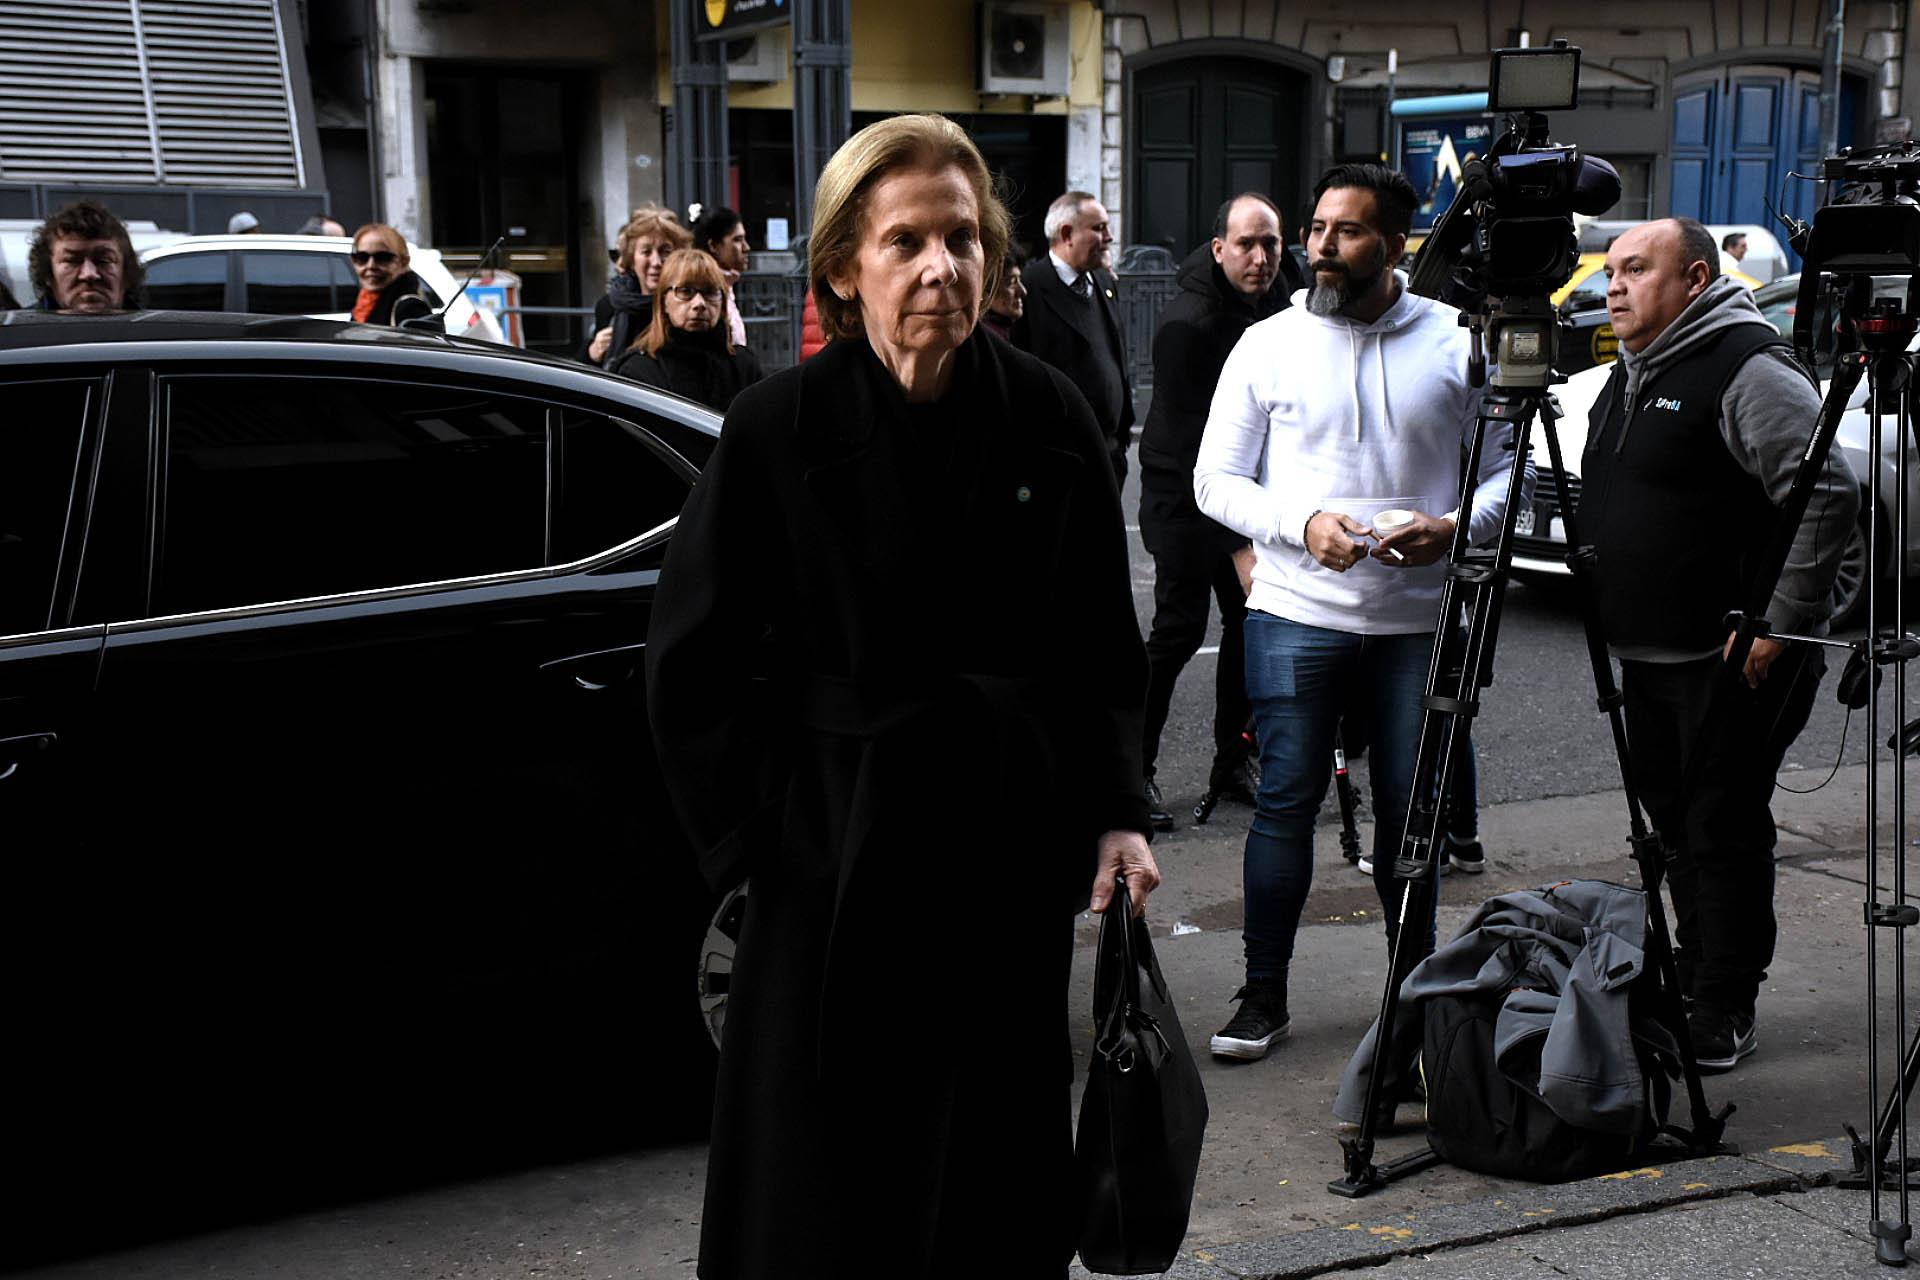 La jueza y candidata del oficialismo para la Procuración Inés Weinberg de Roca